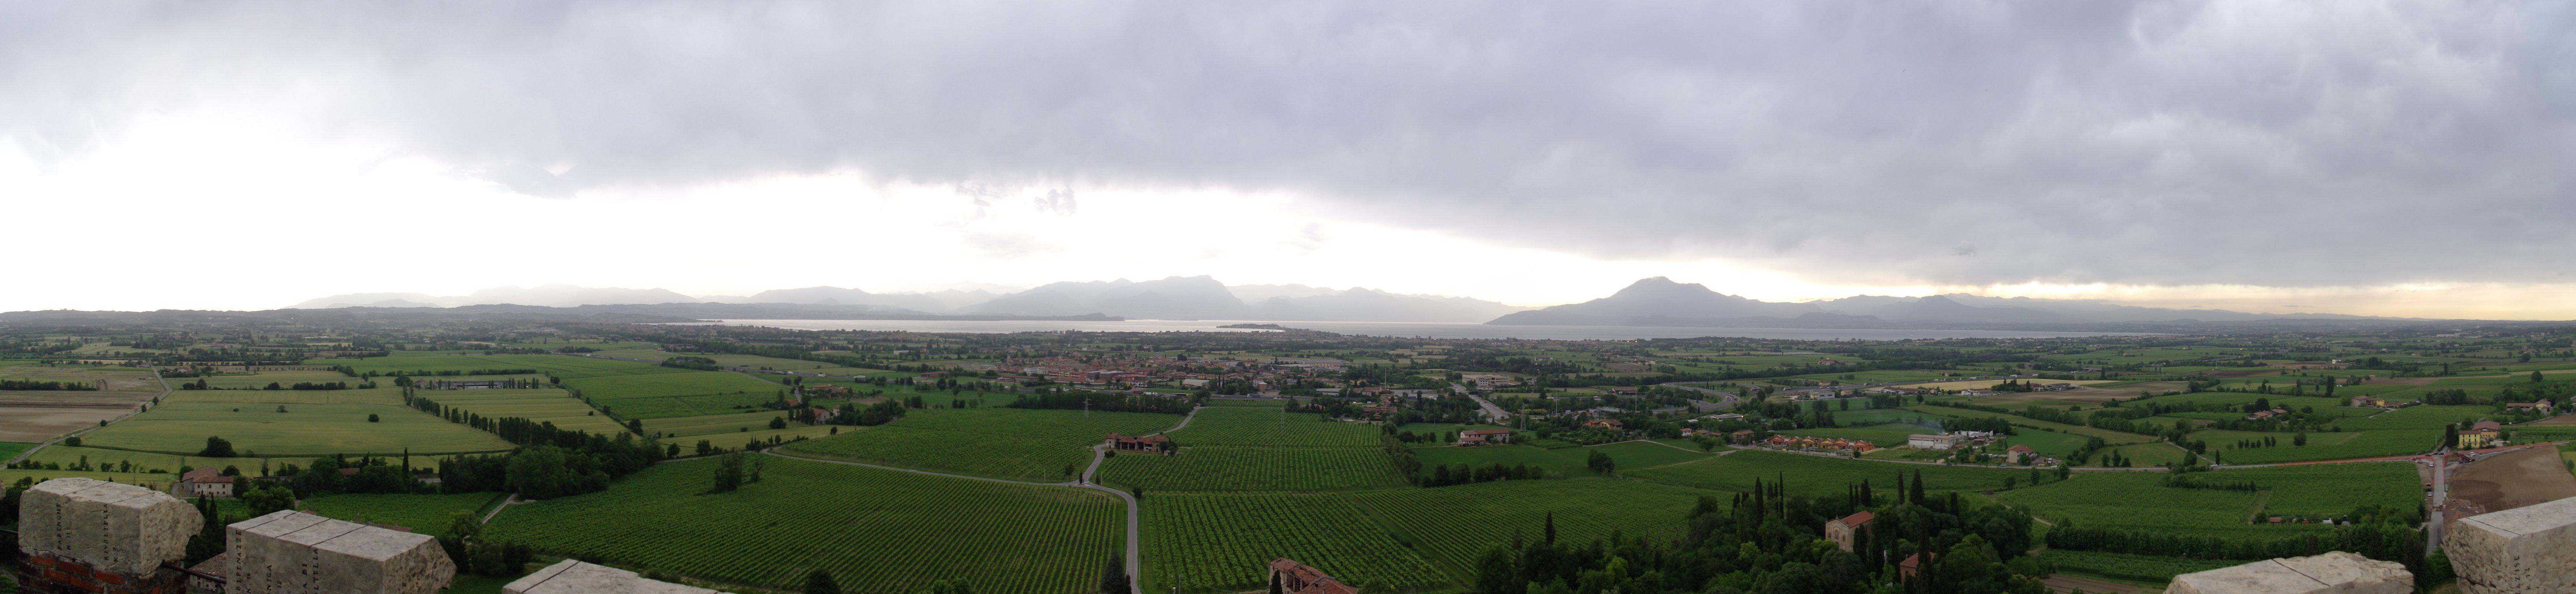 San_Martino_della_Battaglia_Panorama_001